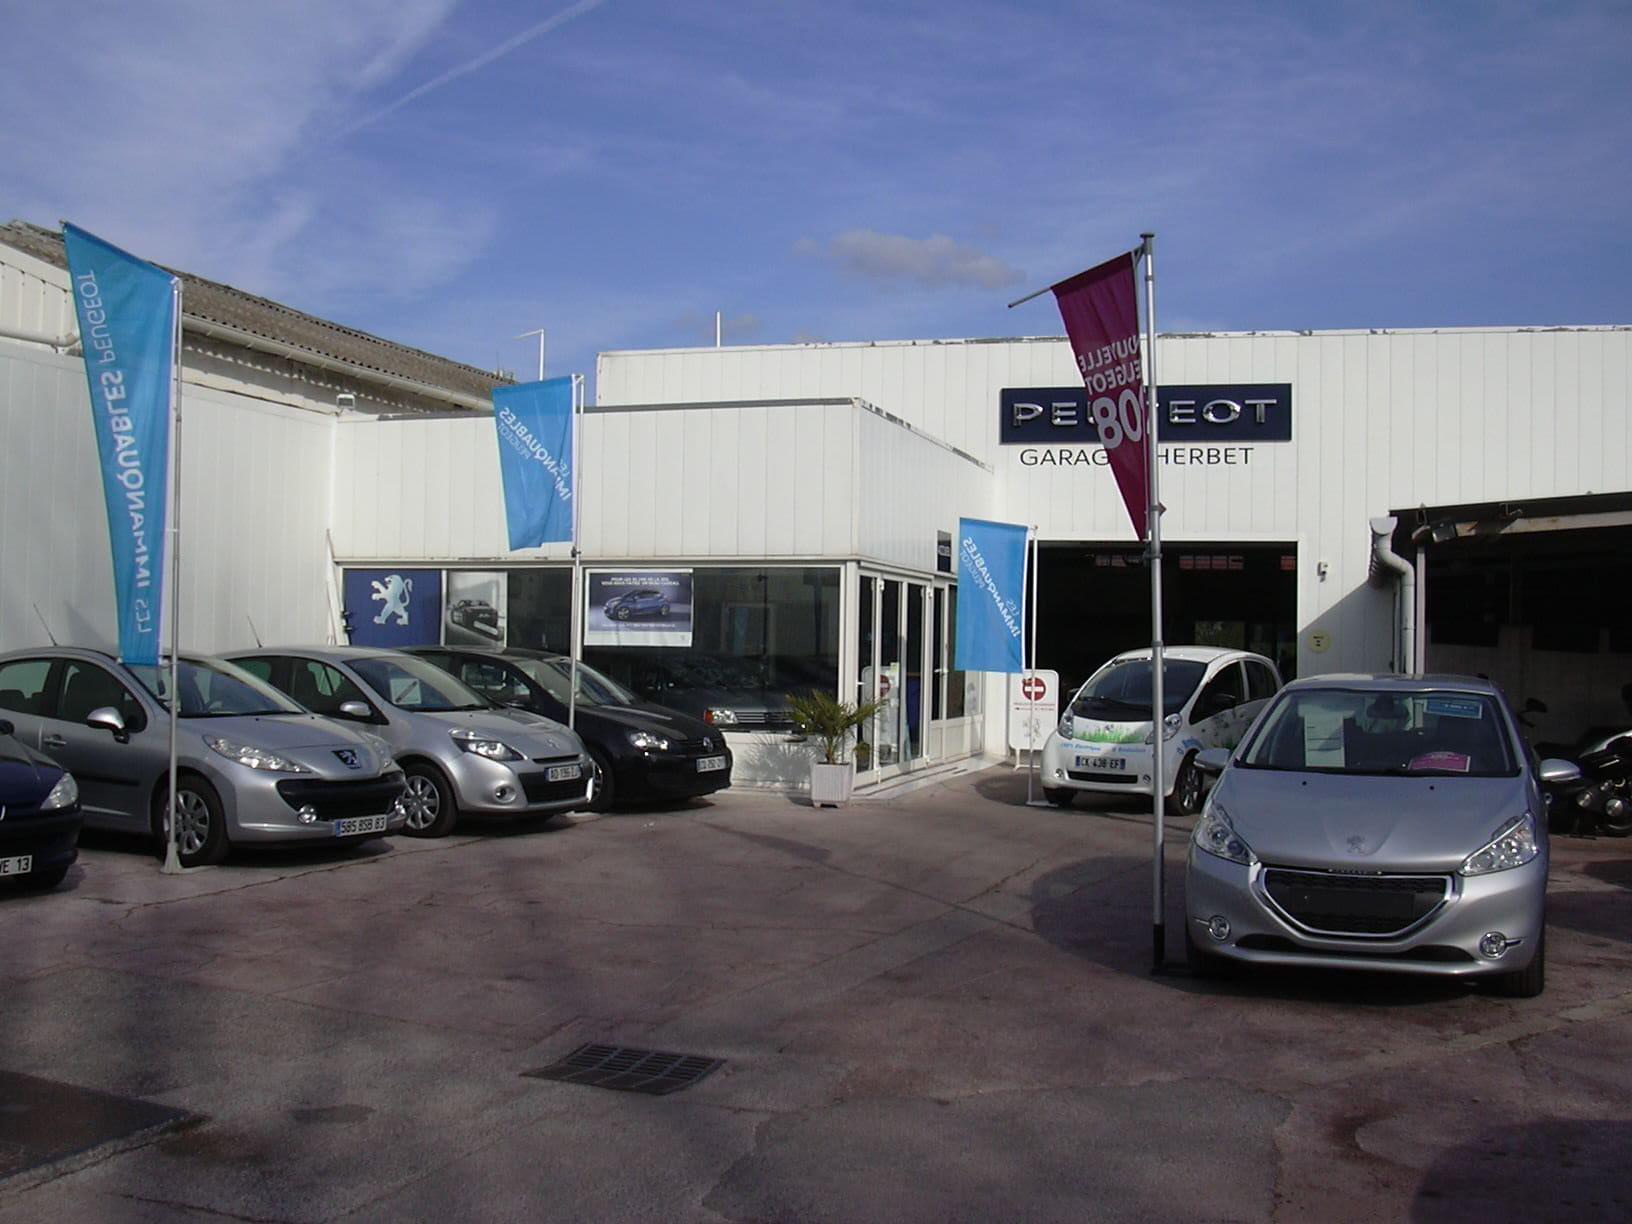 Garage-Peugeot-histoire-Herbet-11